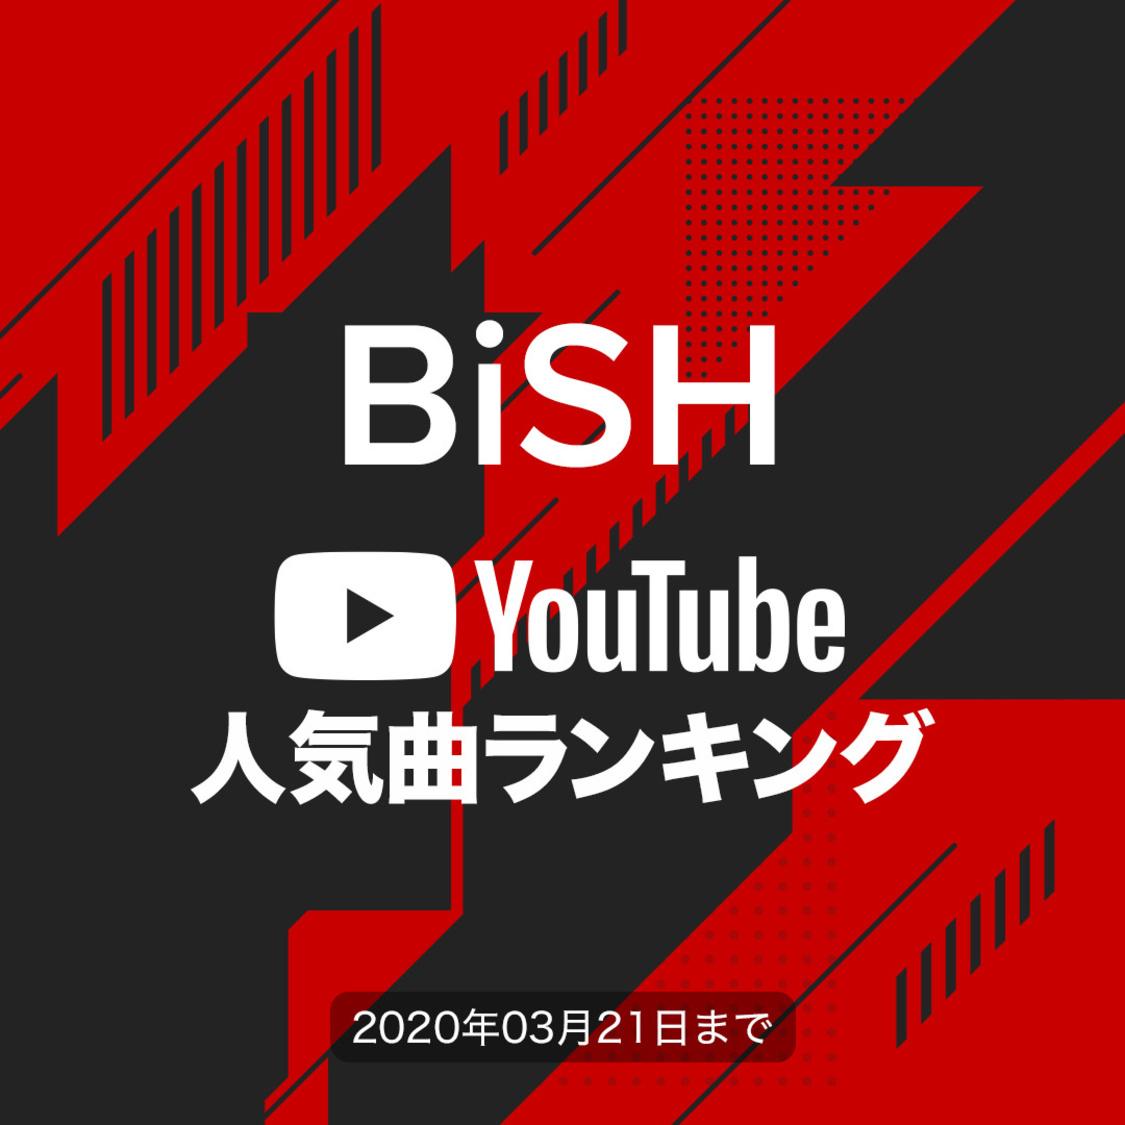 BiSH[YouTube人気曲ランキング]再生回数が1番多い曲は?